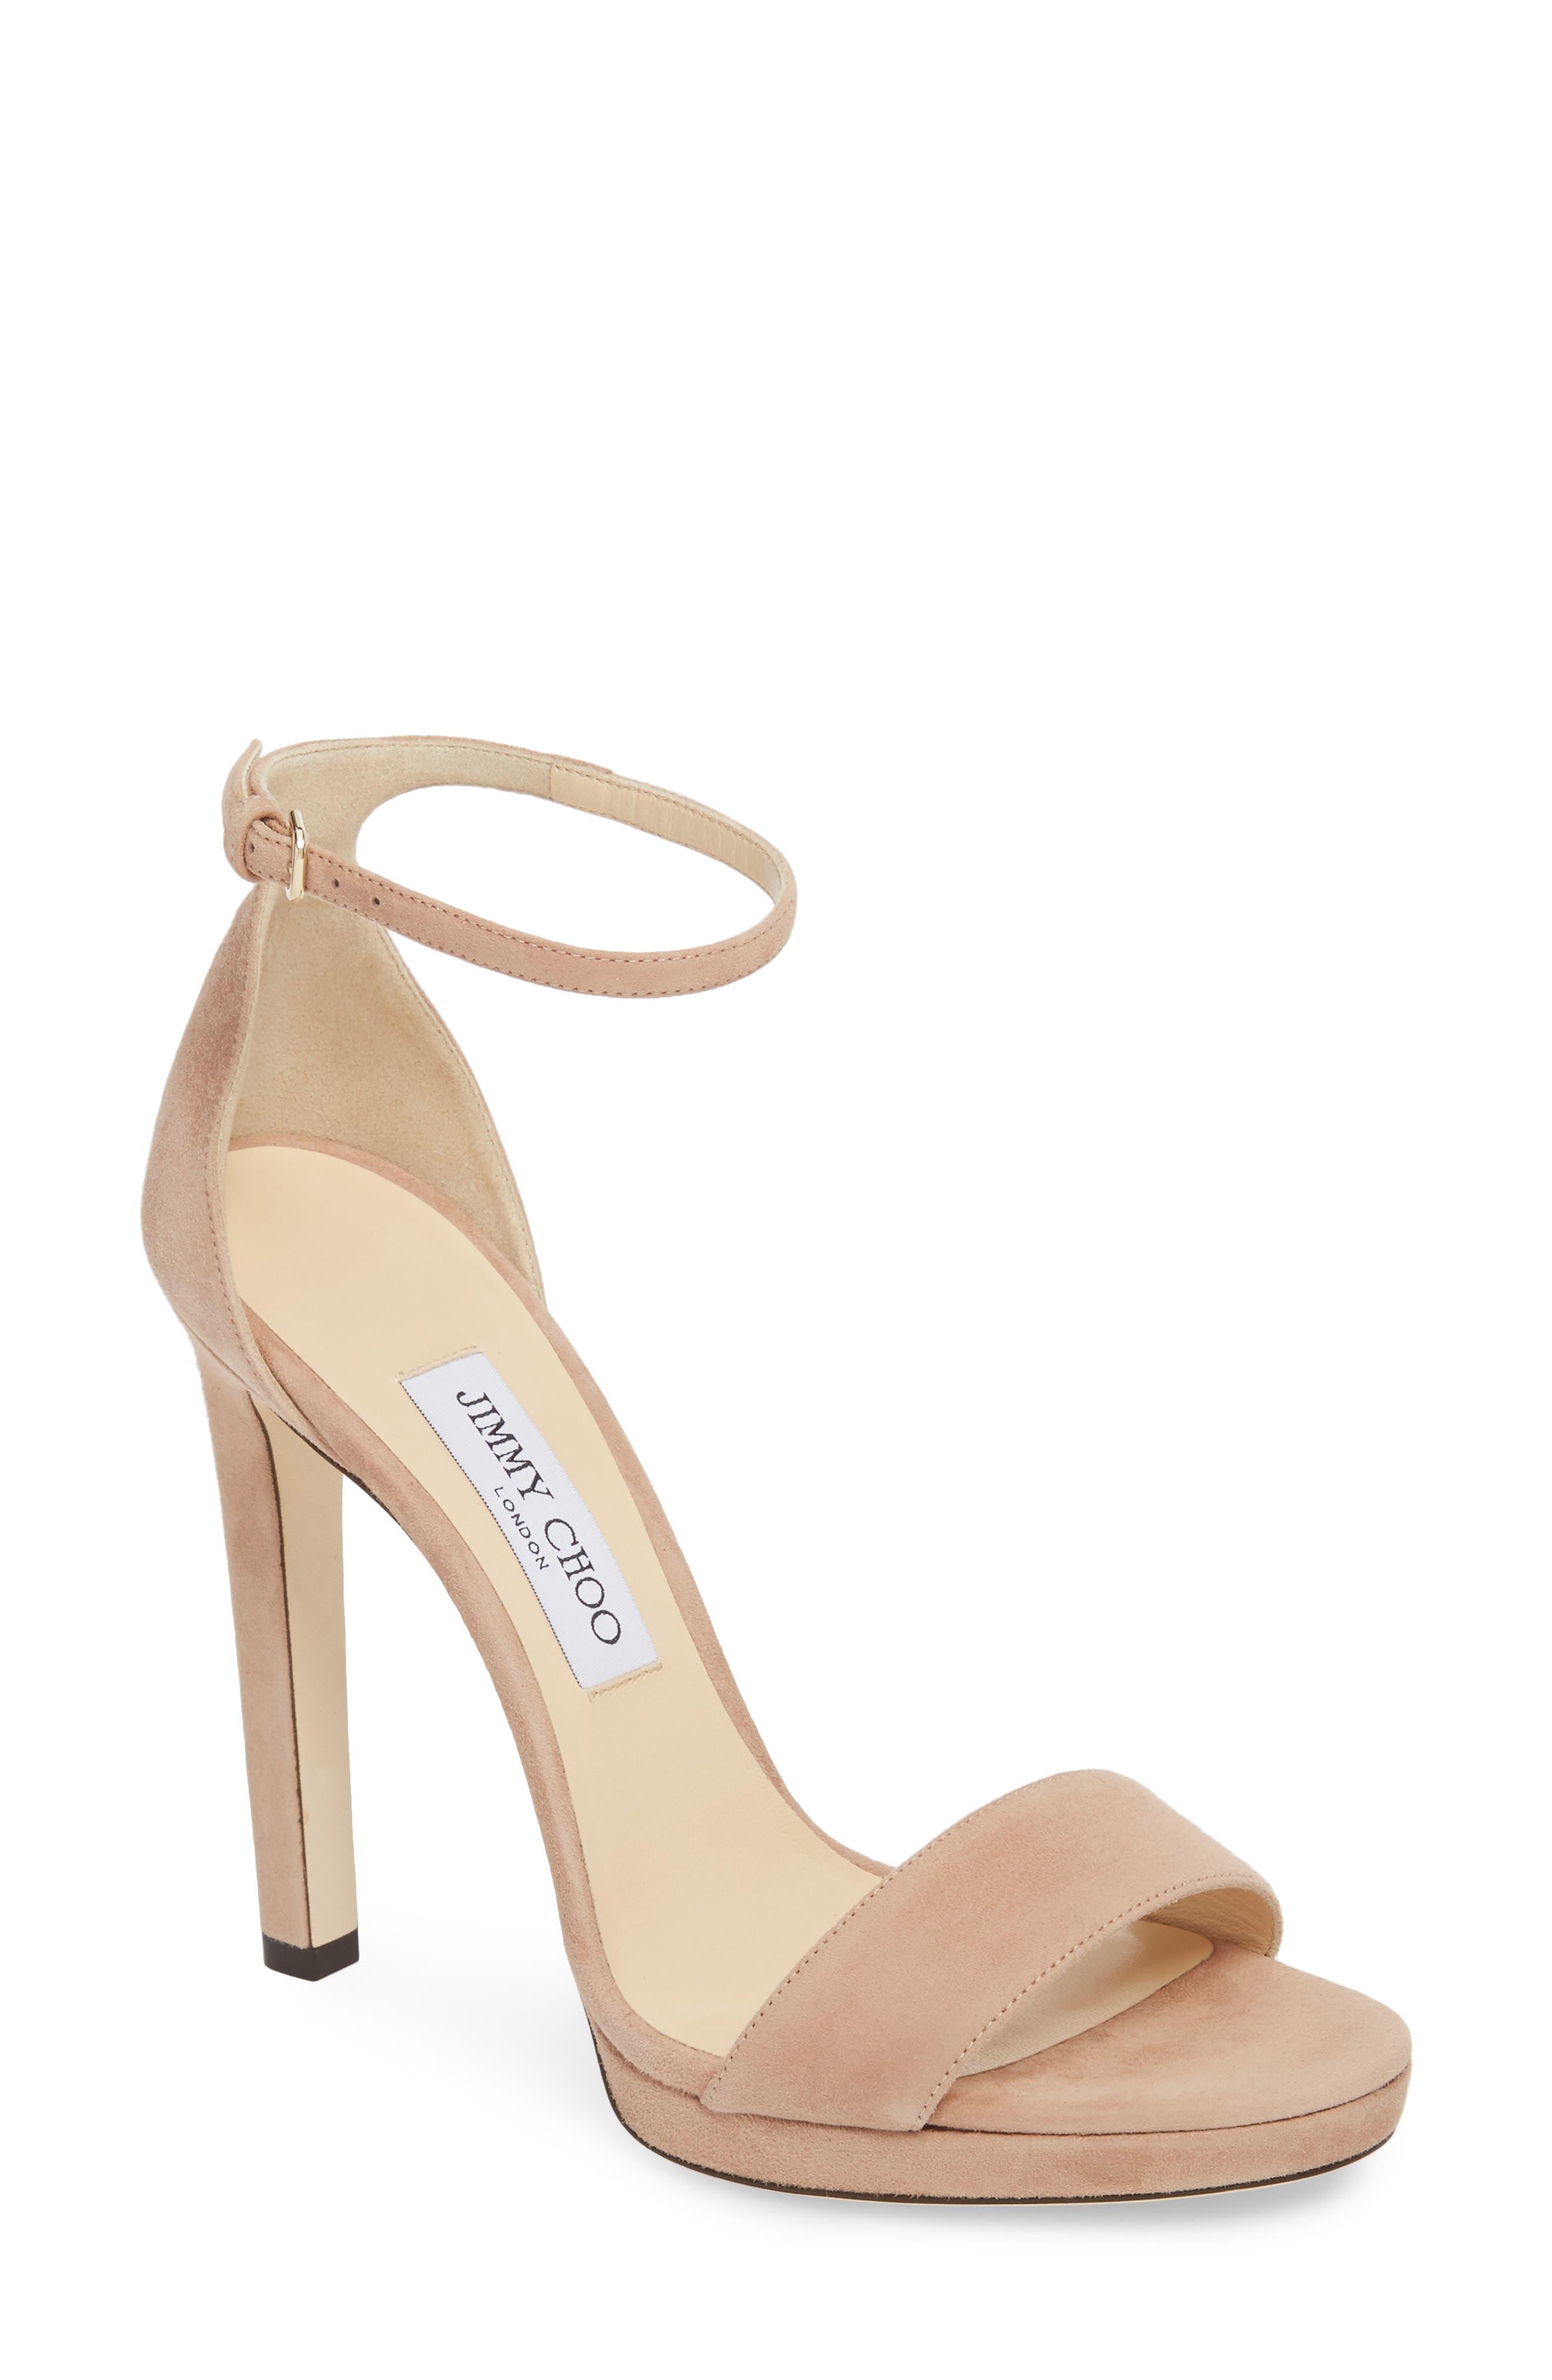 Misty Platform Sandal,                         Main,                         color, Ballet Pink